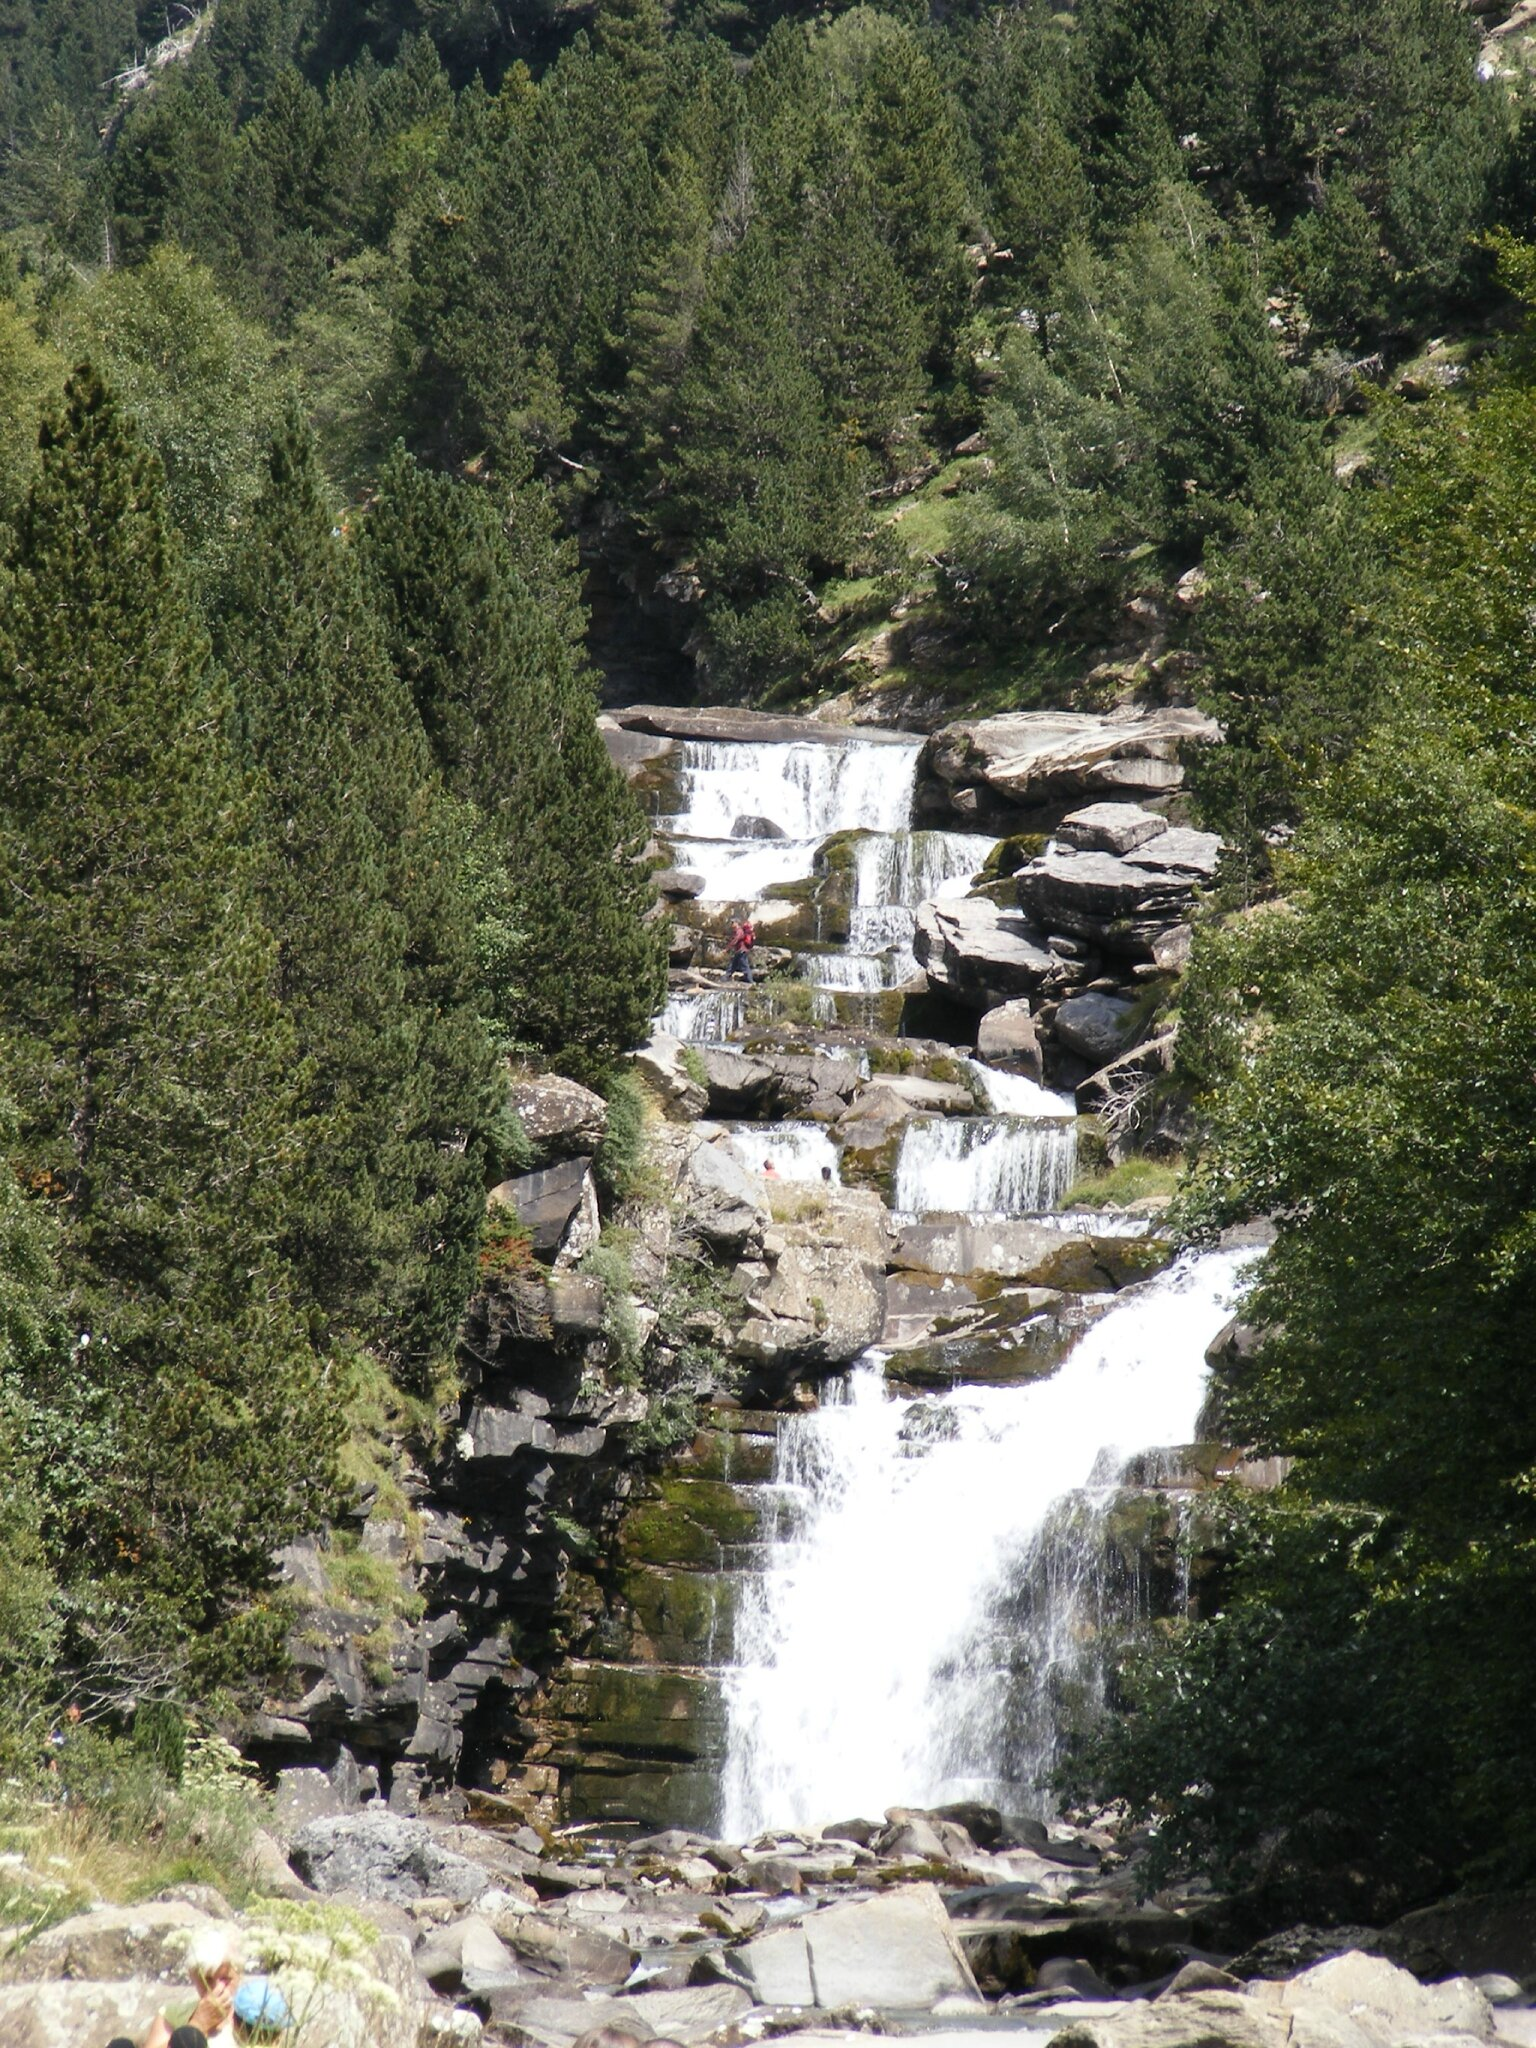 Parc National D'ordesa Et Du Mont-perdu : national, d'ordesa, mont-perdu, Naturel, D'Ordesa, Perdu, Vallée, Canyon, D'Anisclo, Voyages, Famille